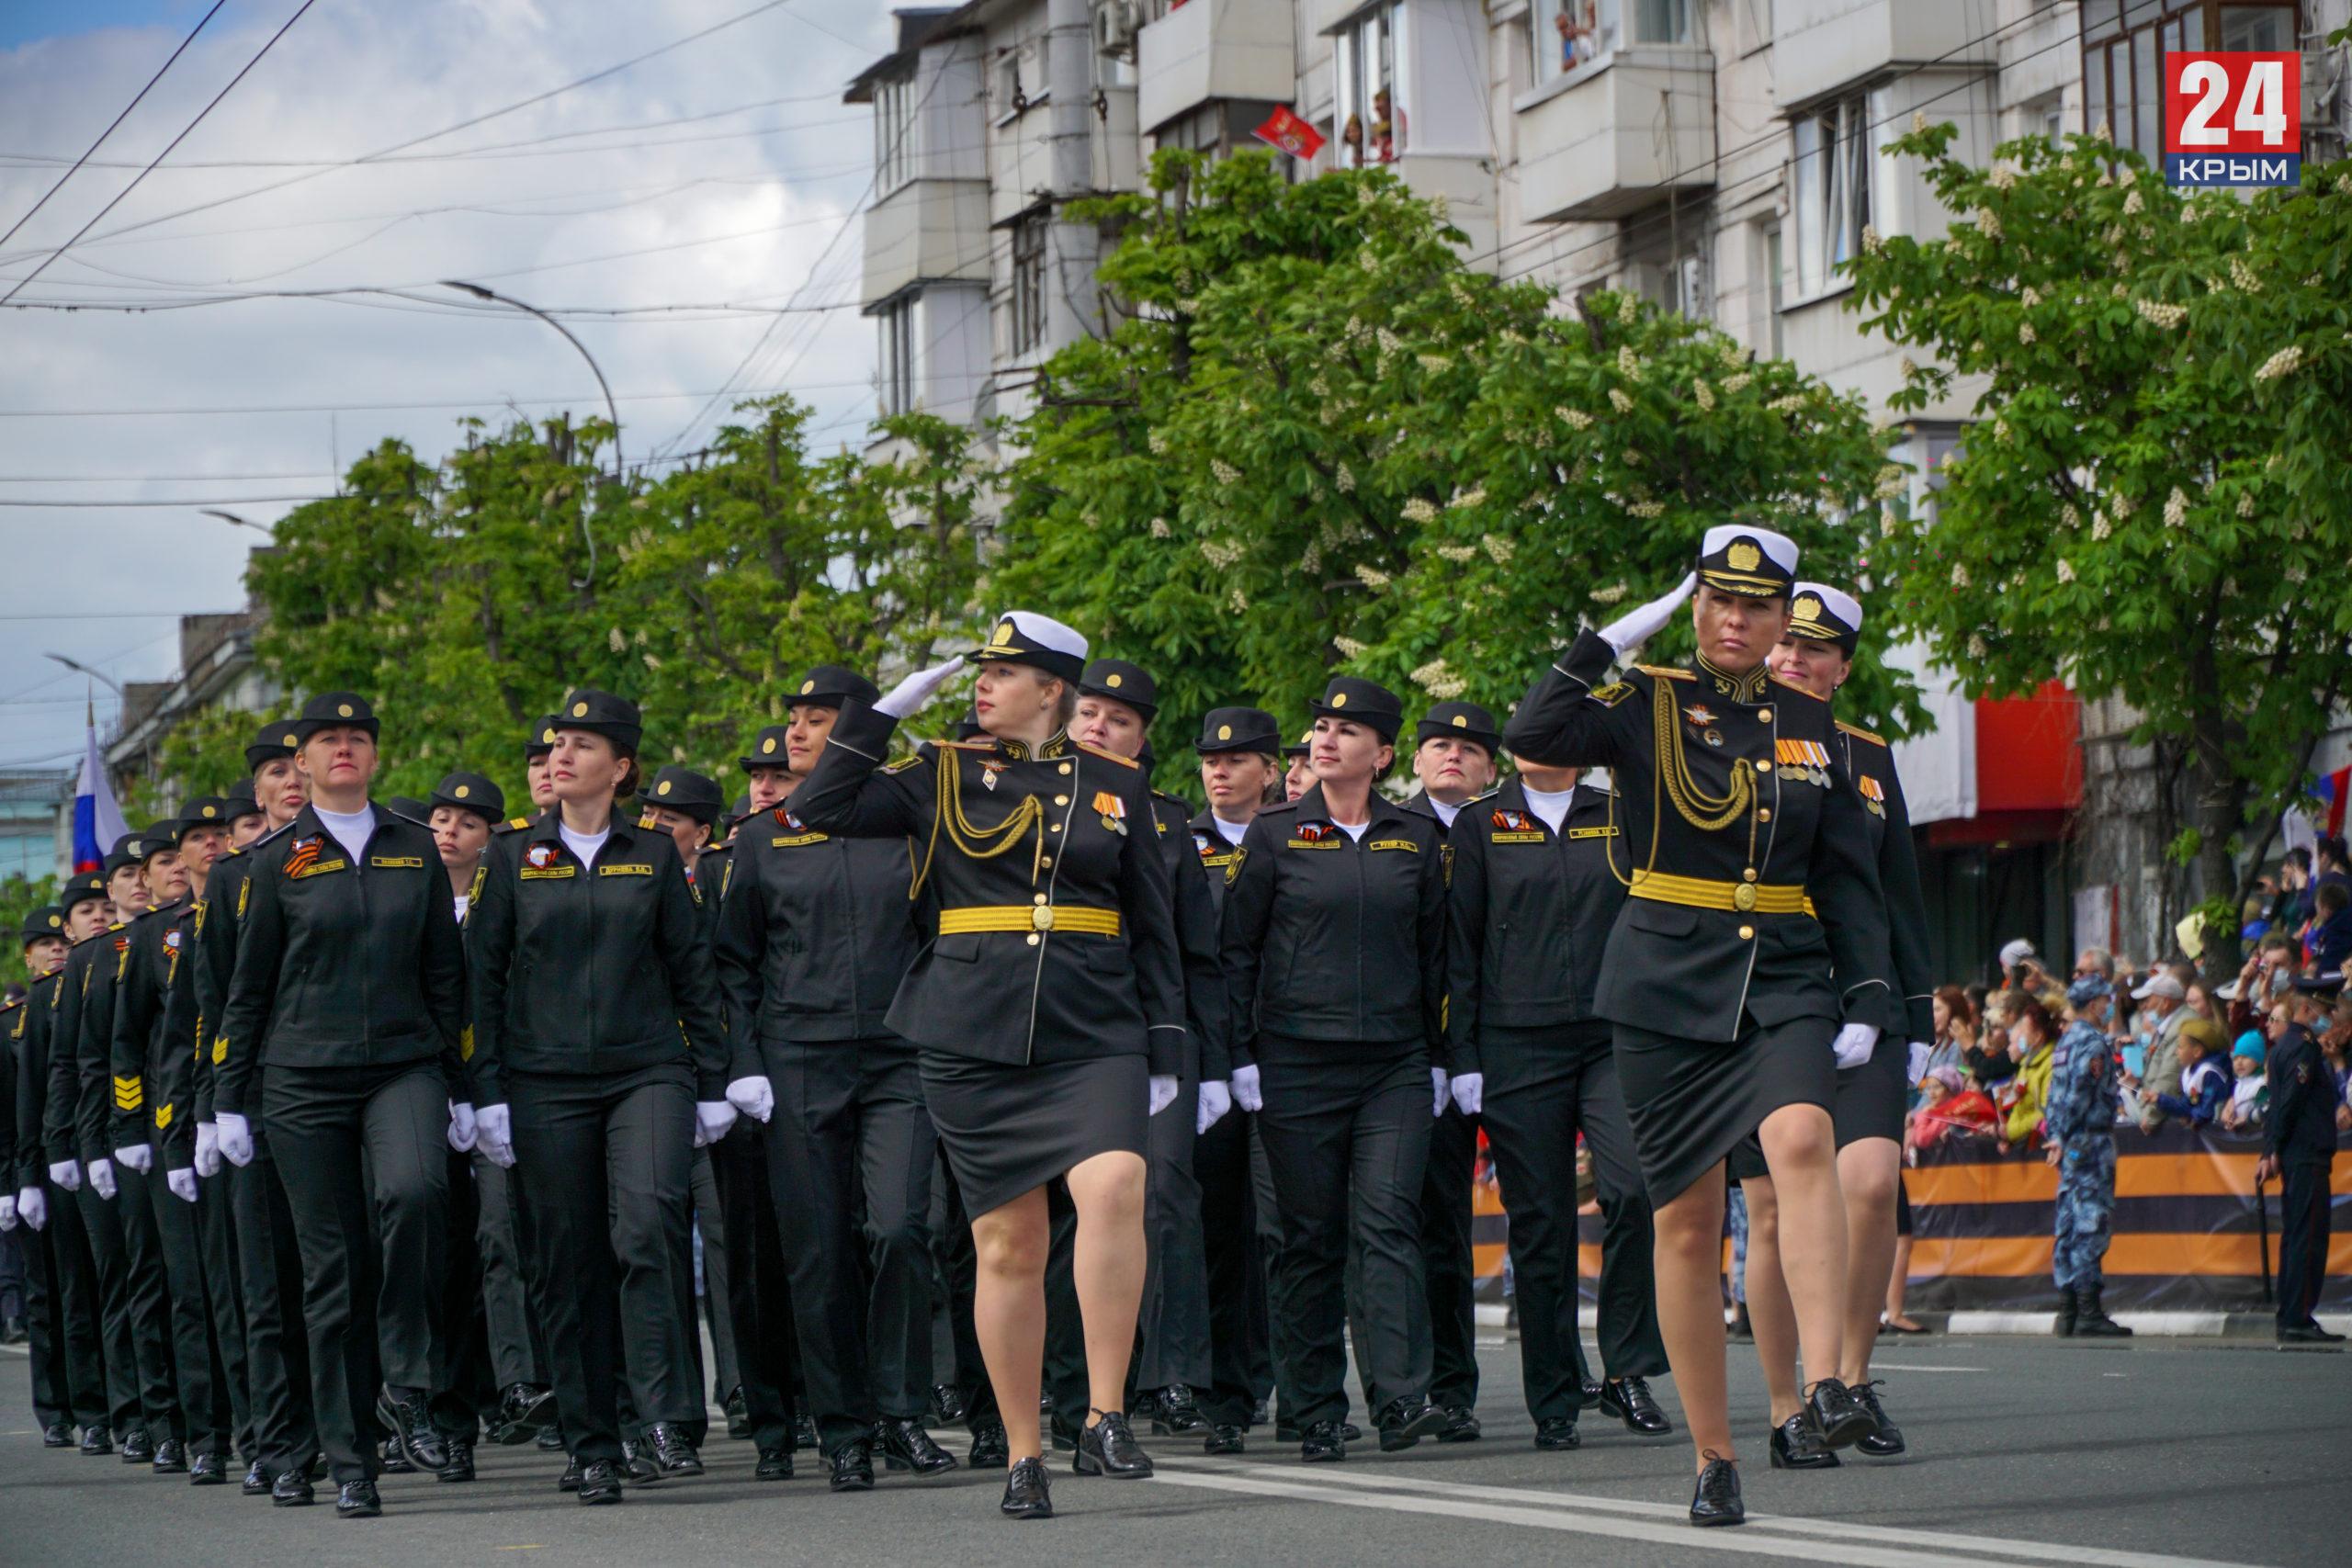 В Симферополе на Параде Победы впервые прошли строем женщины-военнослужащие